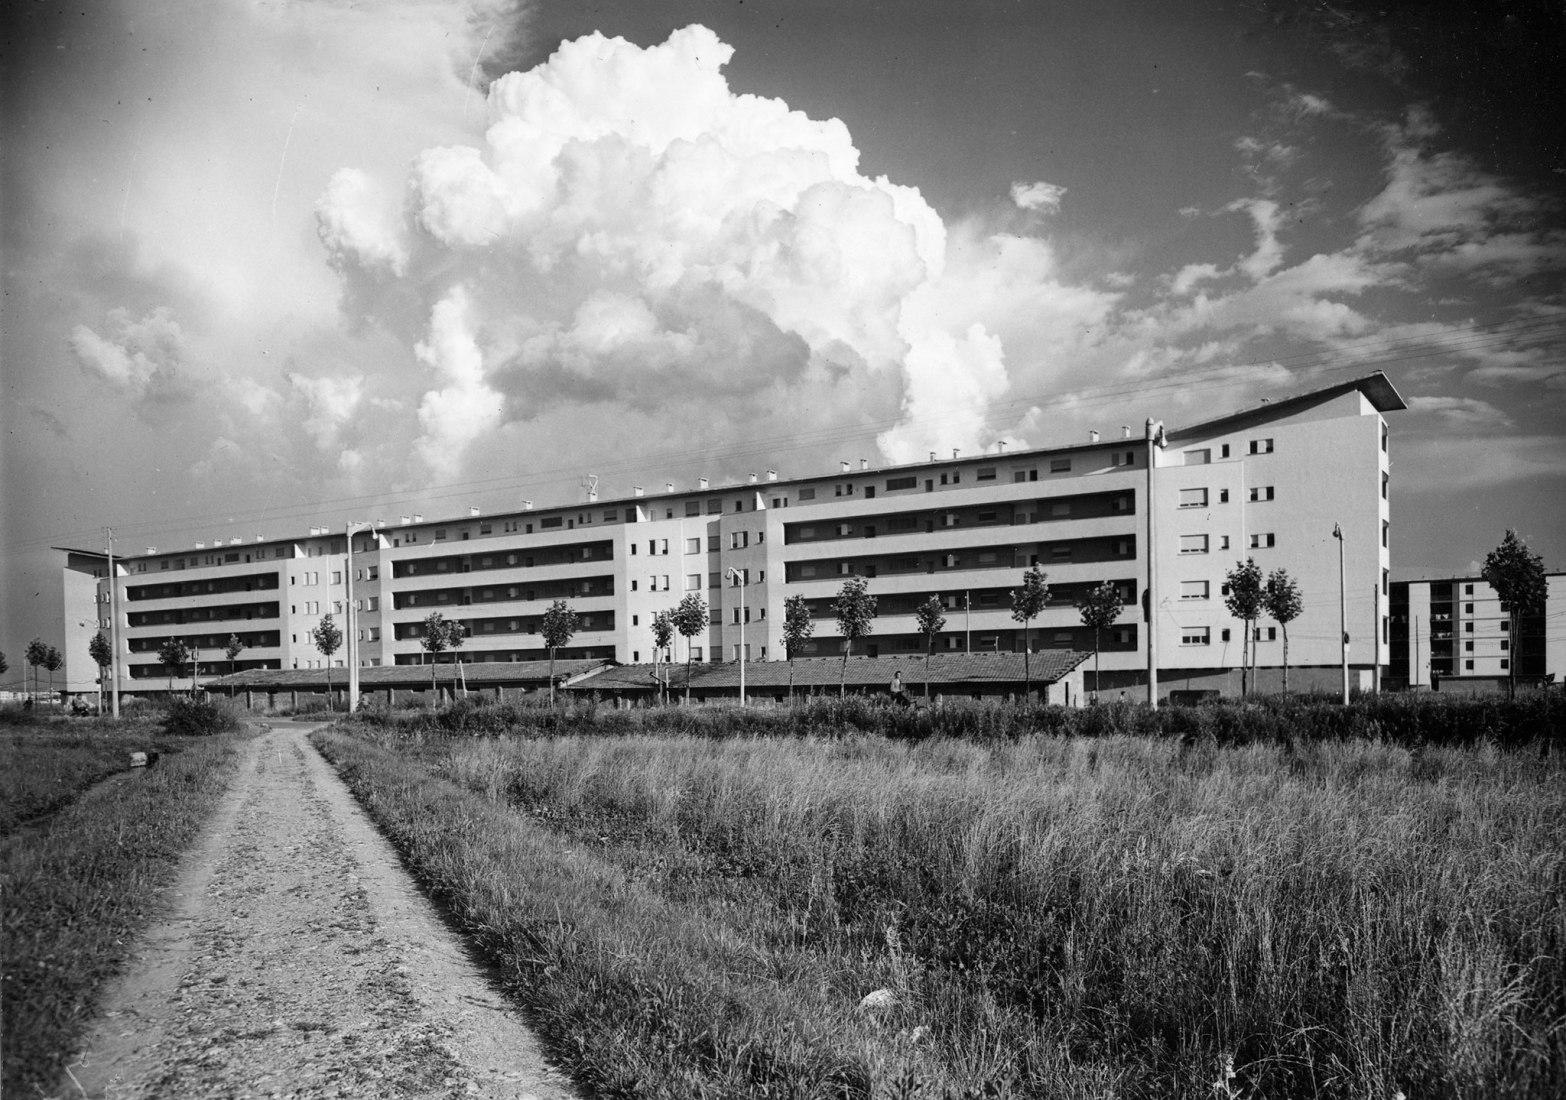 Viviendas en el distrito de Harar Dessié, Milán 1950-55. MAXXI | Gio Ponti. Amare l'architettura